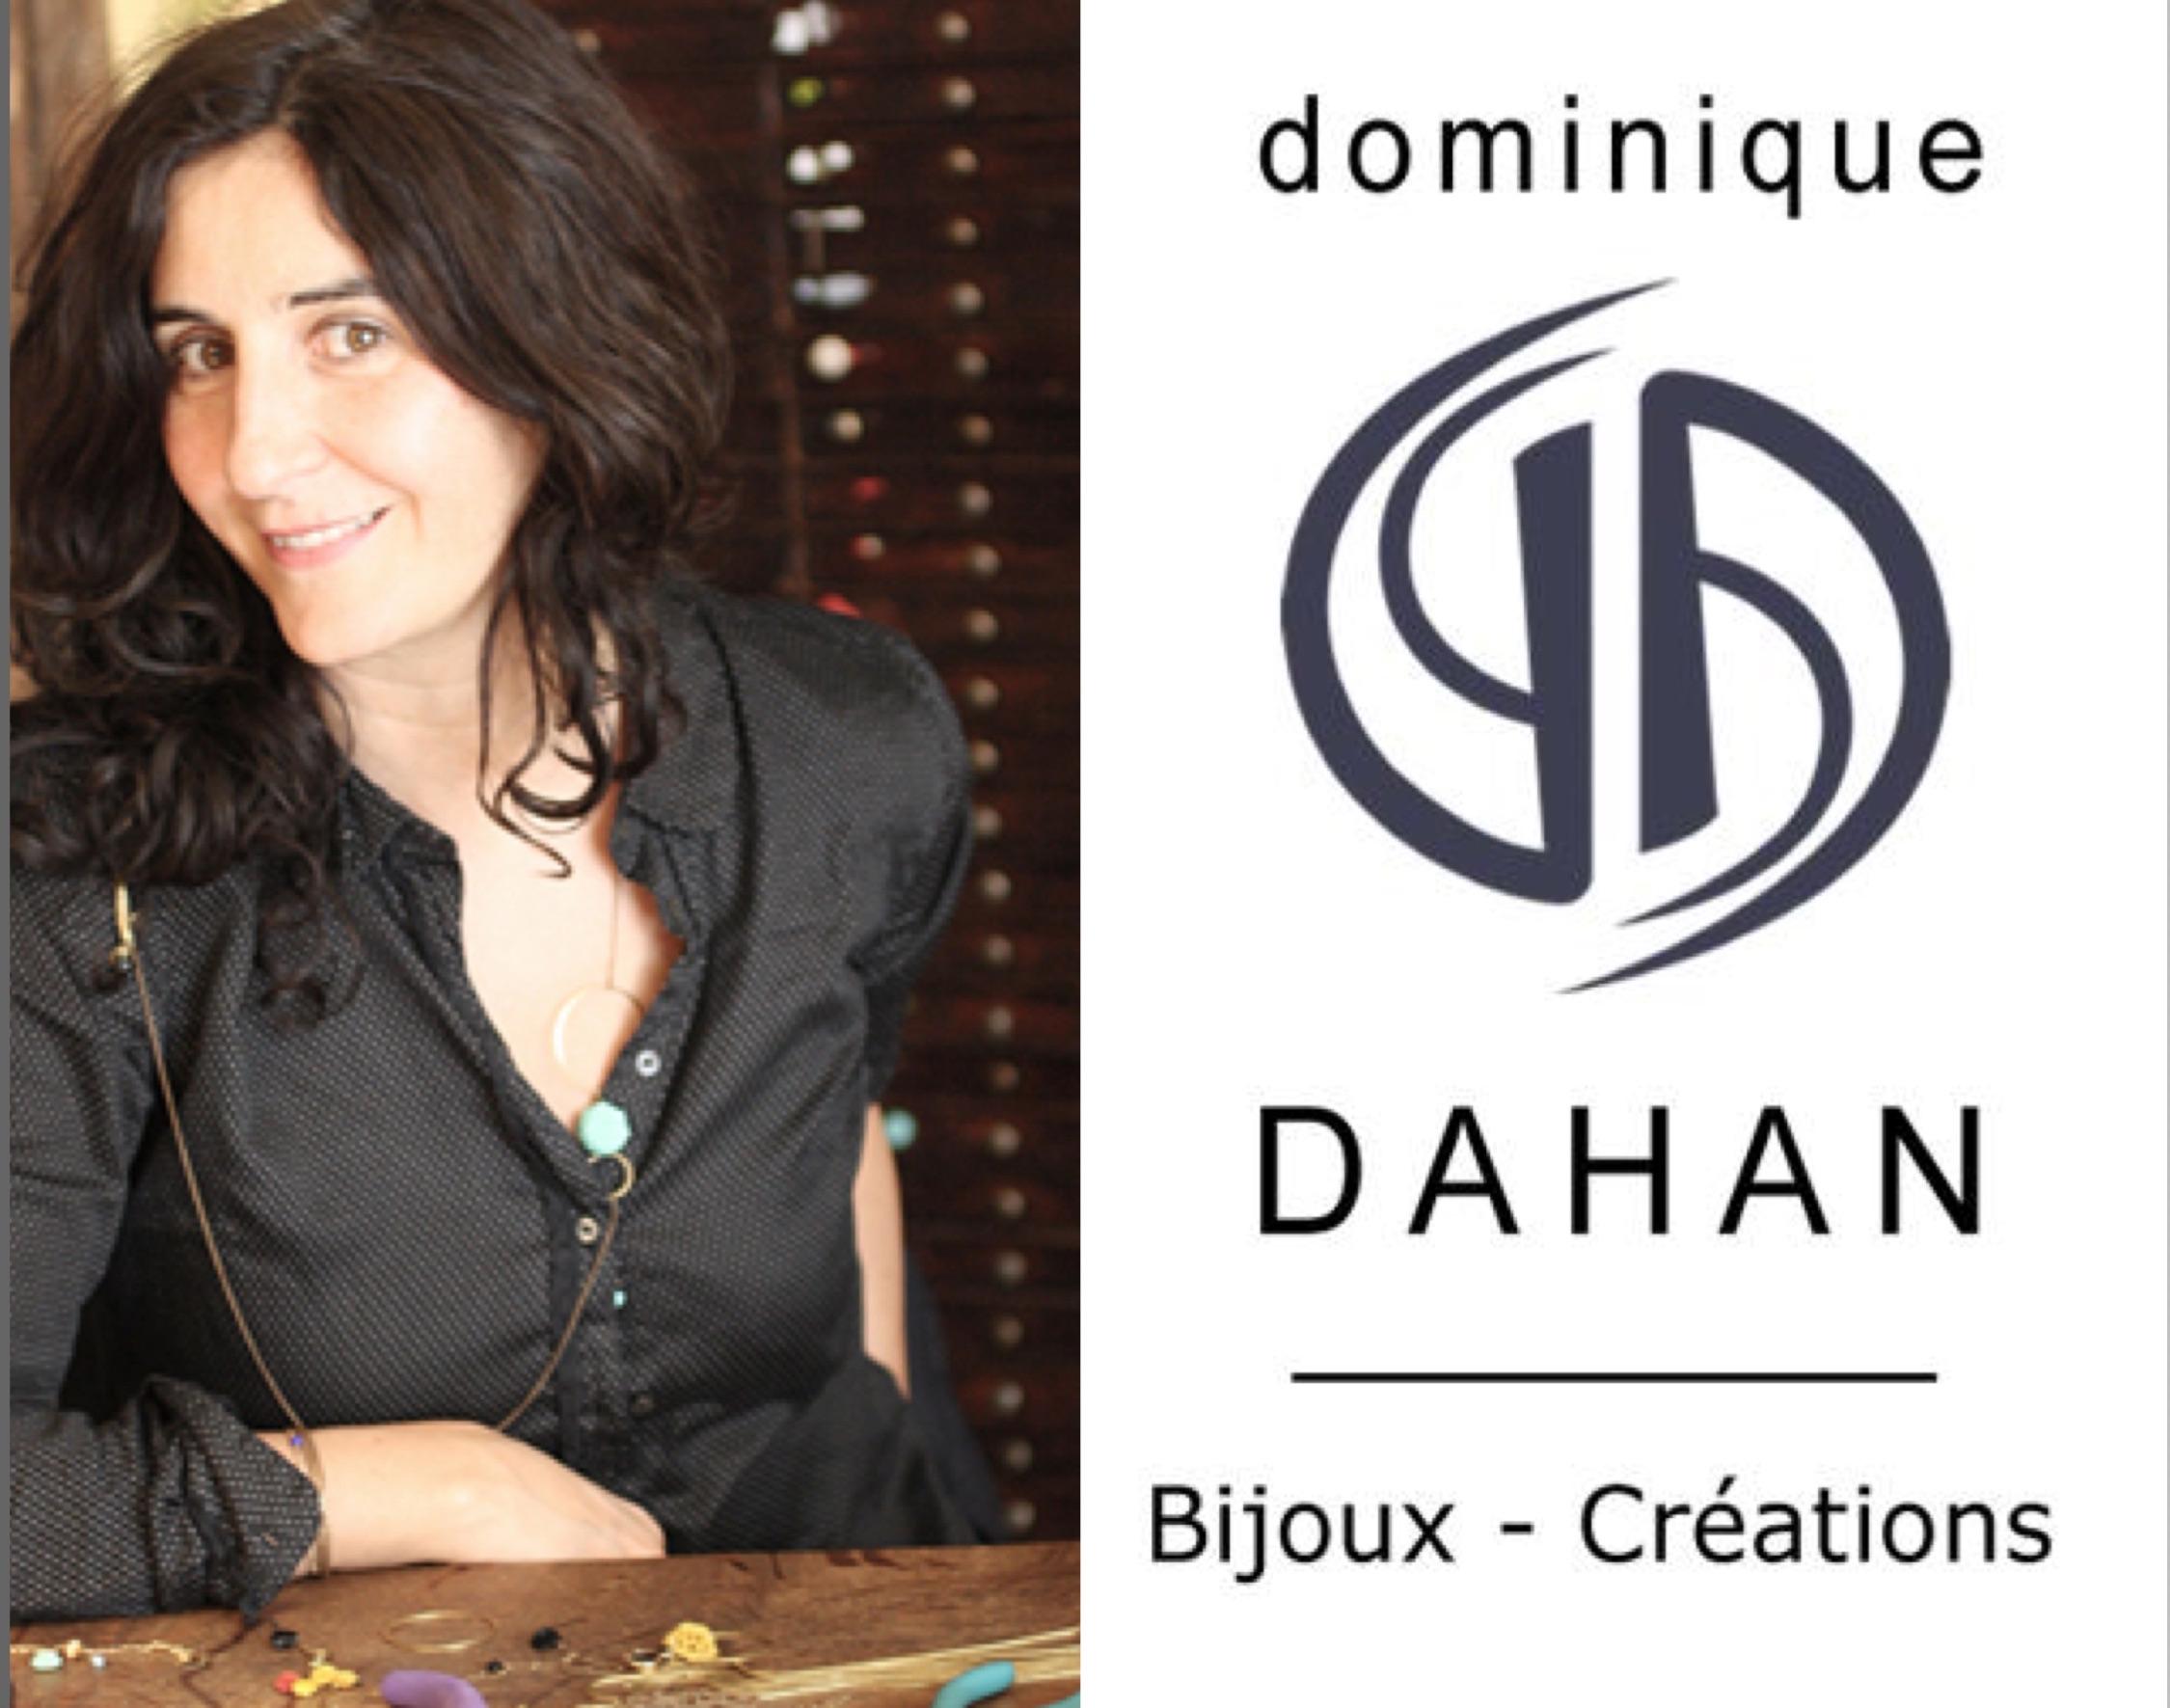 portrait créatrice de bijoux Dominique Dahan Bijoux